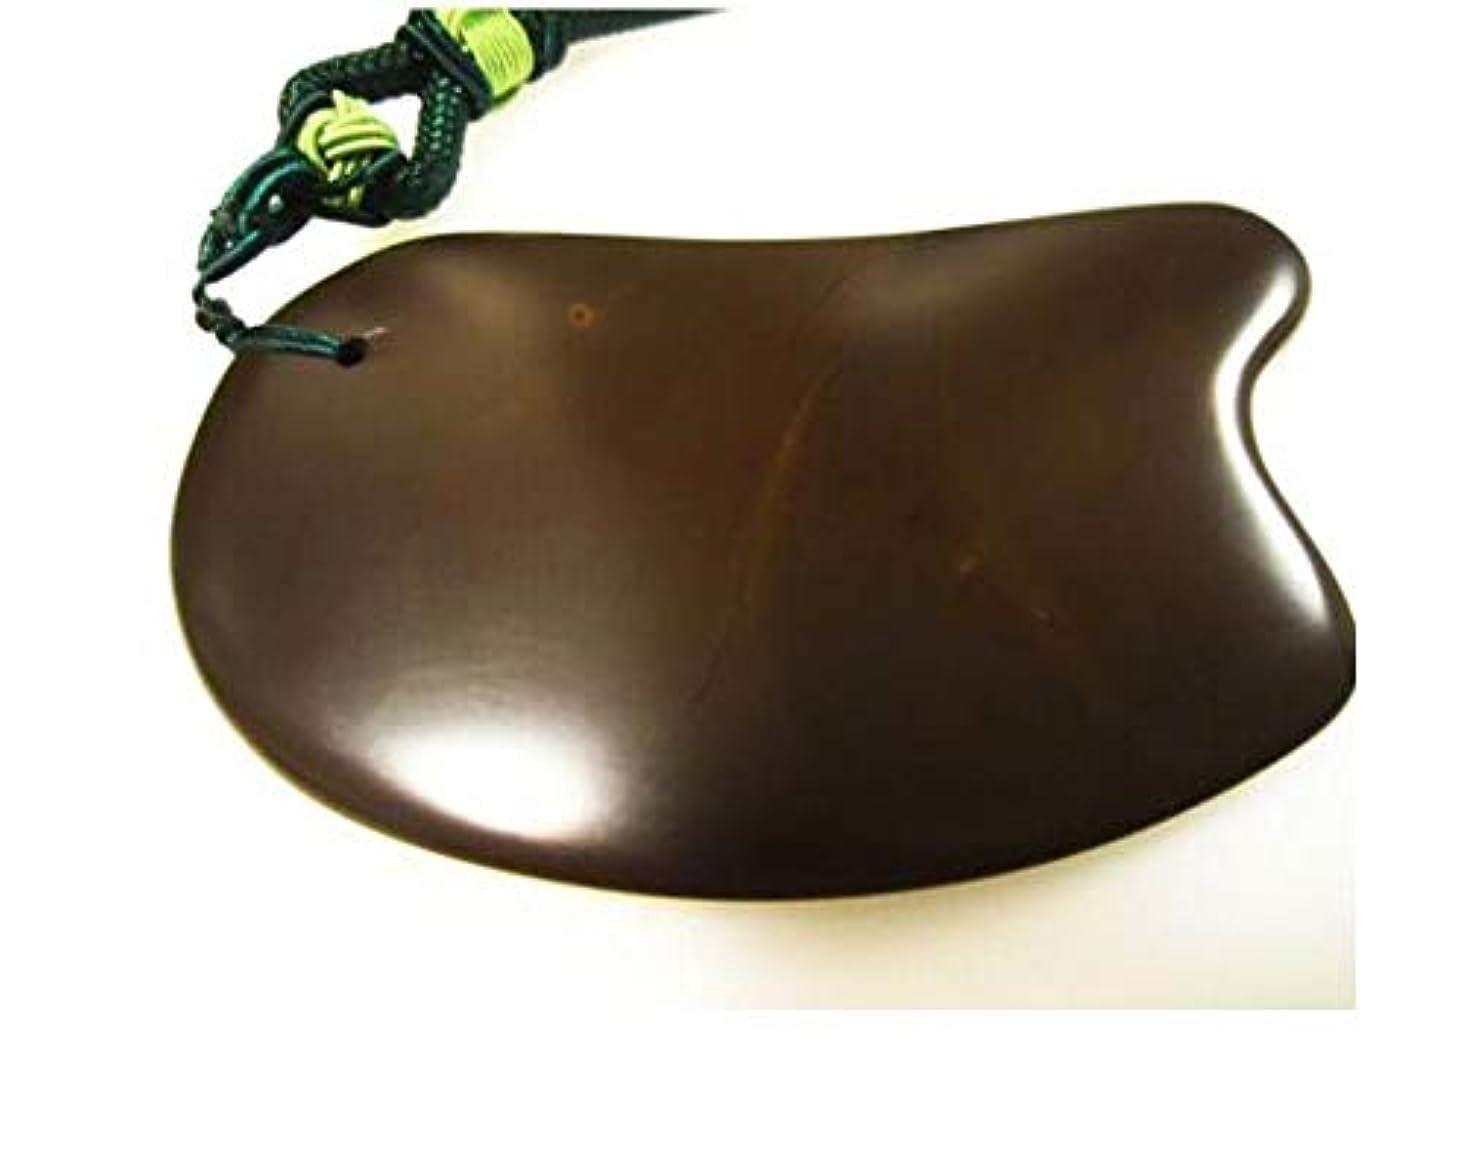 短命薄いマラドロイトGaoxingbianlidian ボディ?フェイシャルSPA鍼治療トリガーポイントの治療のためにスクラッチマッサージツール、5A自然オウゴンスクレイピング会 ,使いやすい (Color : Brown, Size : 12*6.5*1cm)